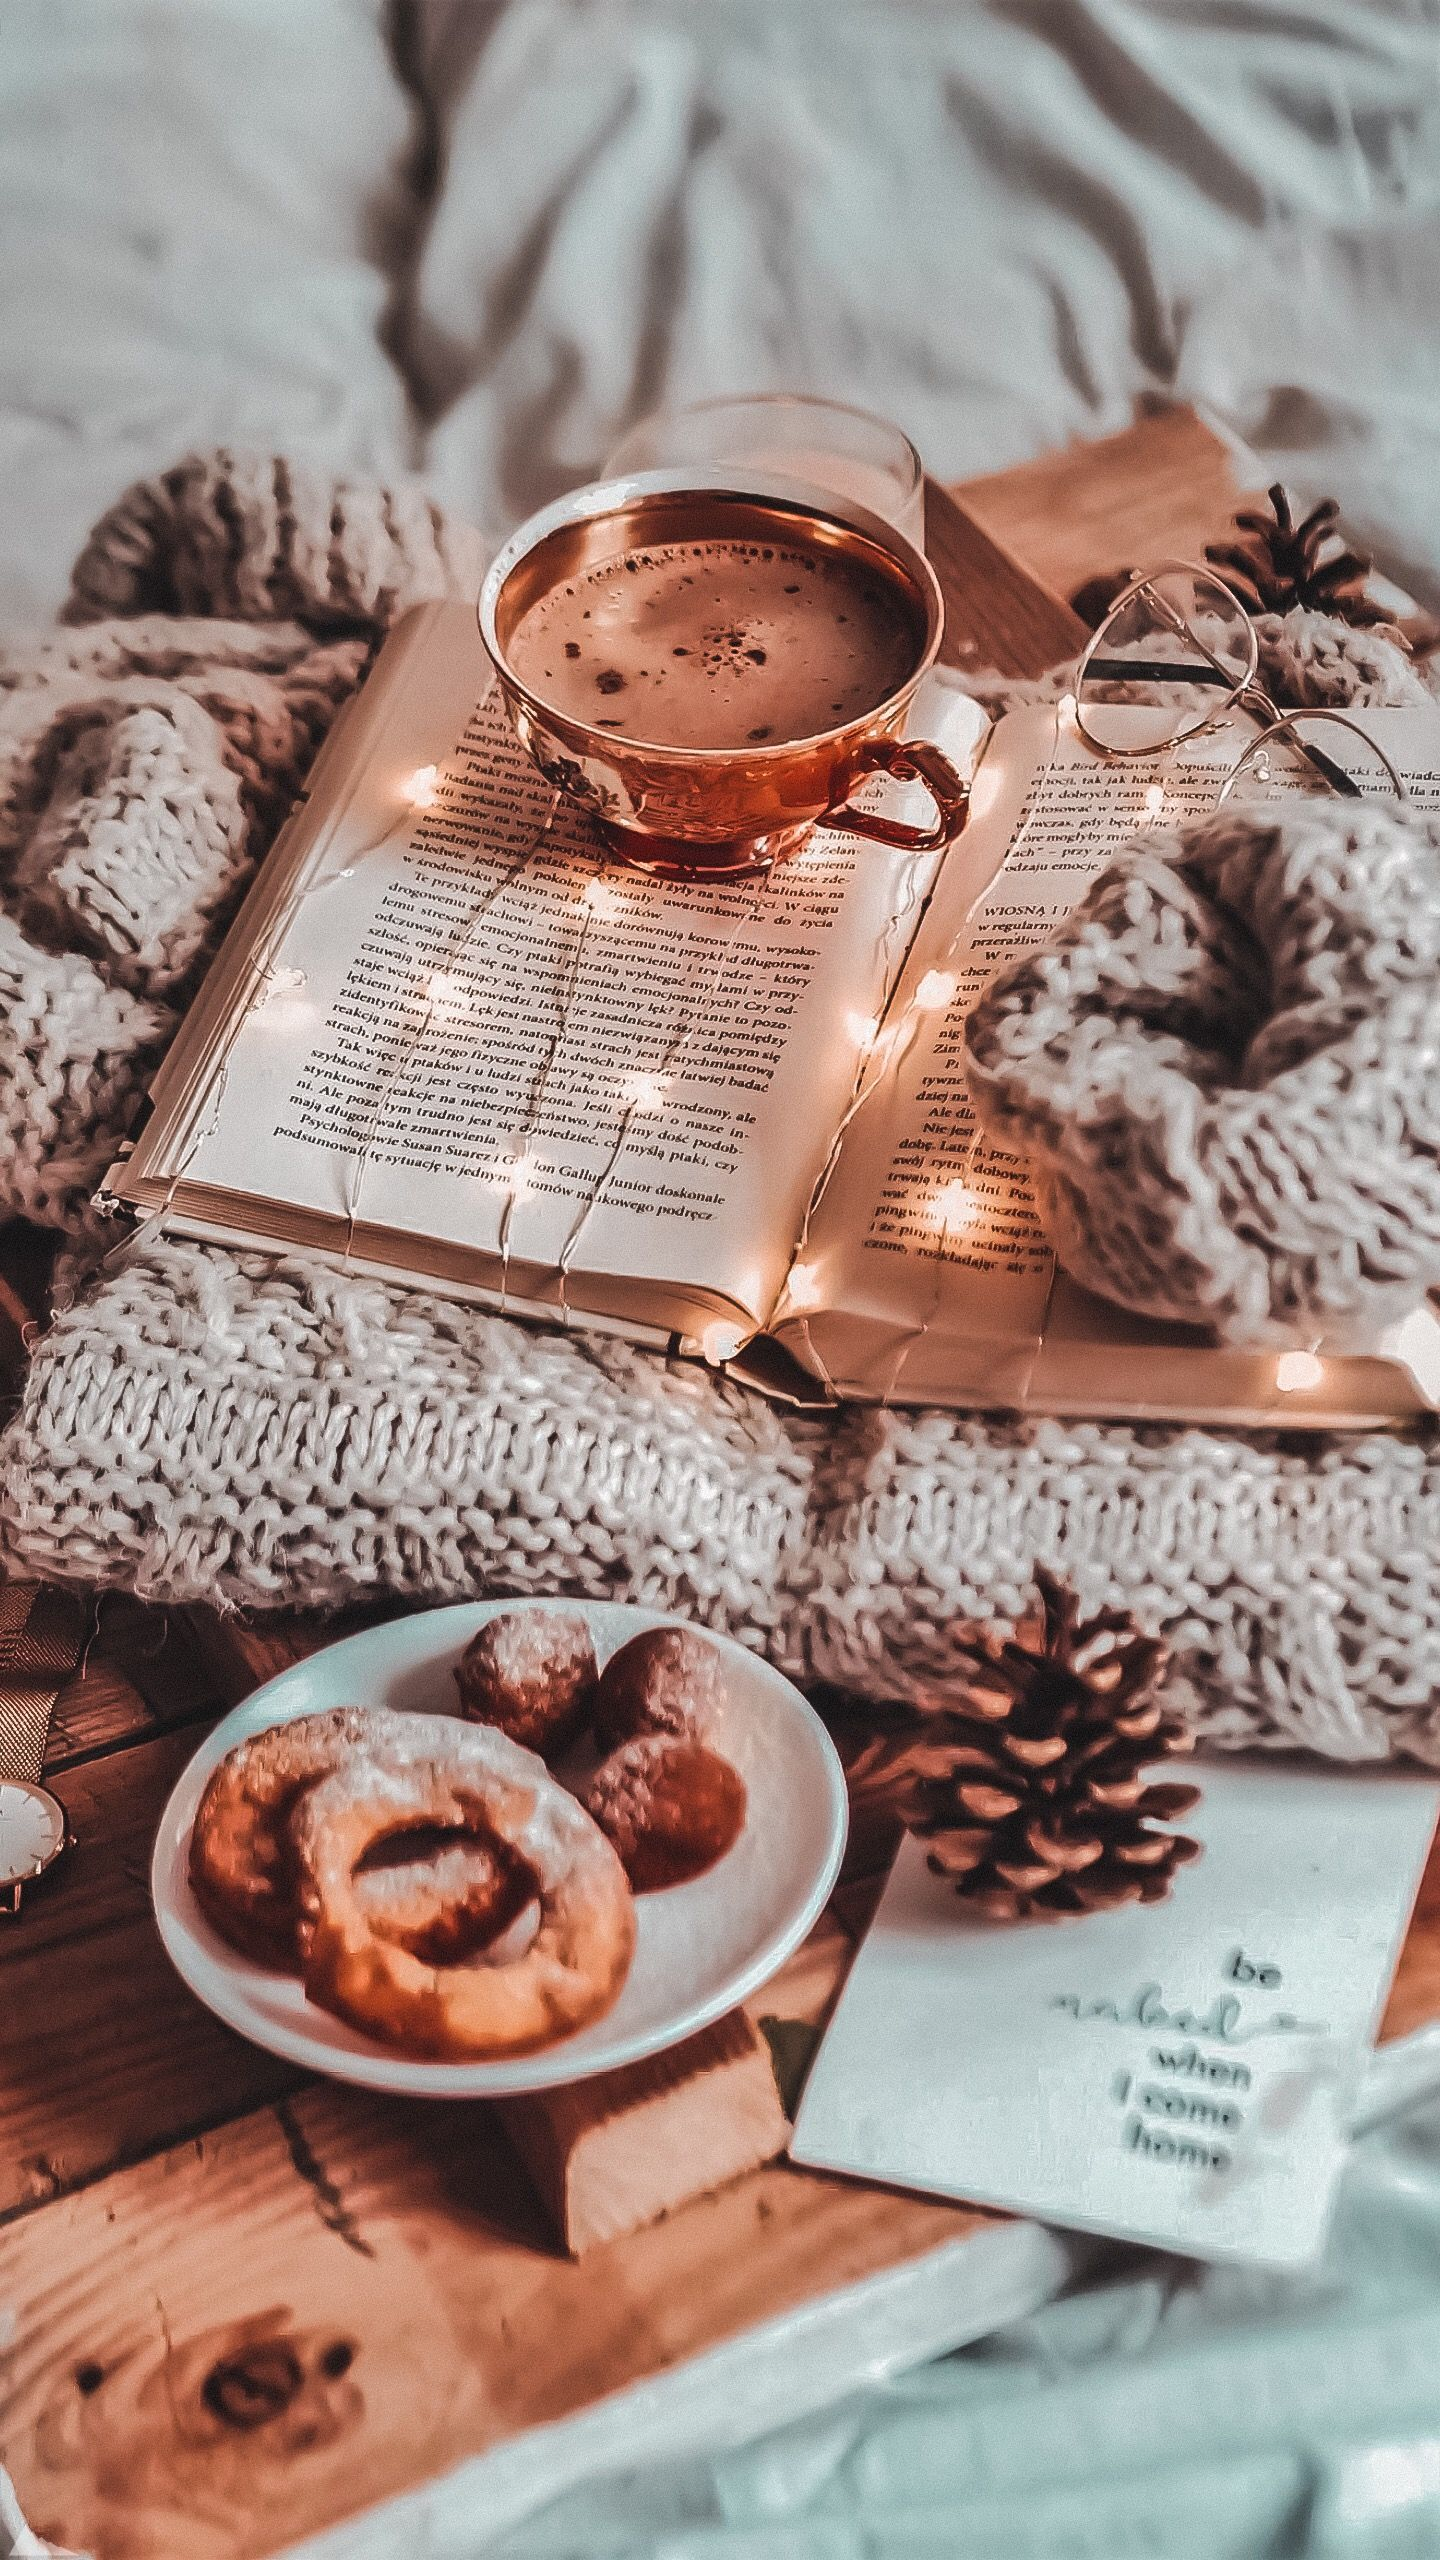 cozy winter iphone wallpaper